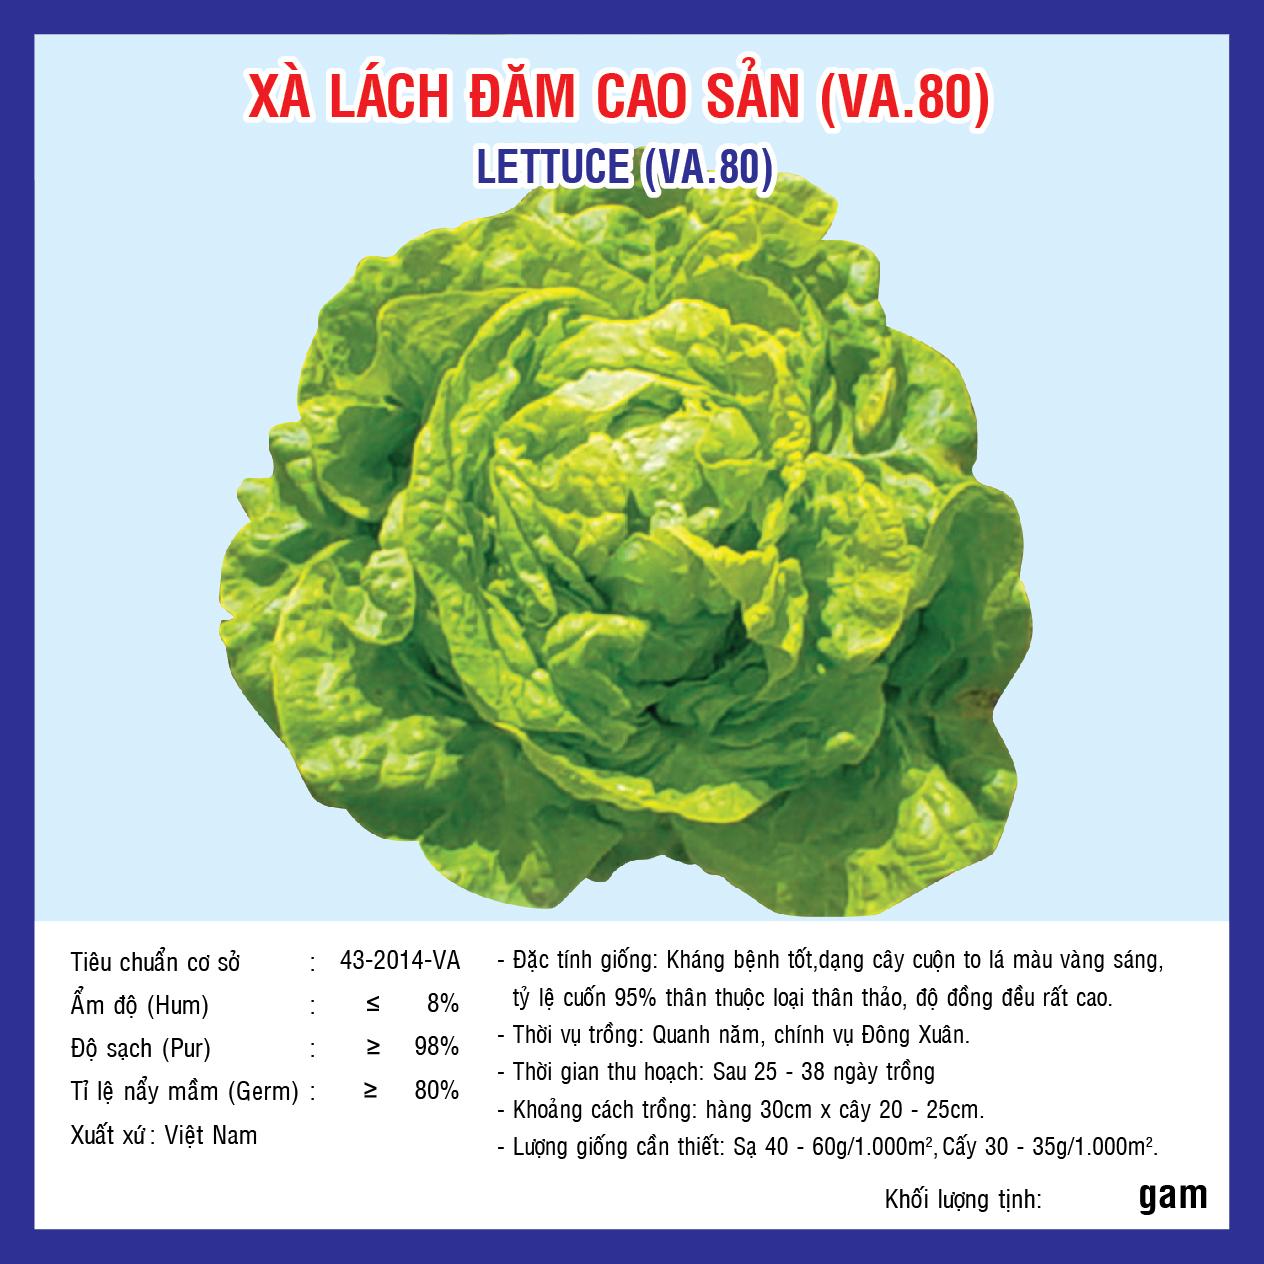 XÀ LÁCH ĐĂM CAO SẢN (VA.80) 2gr